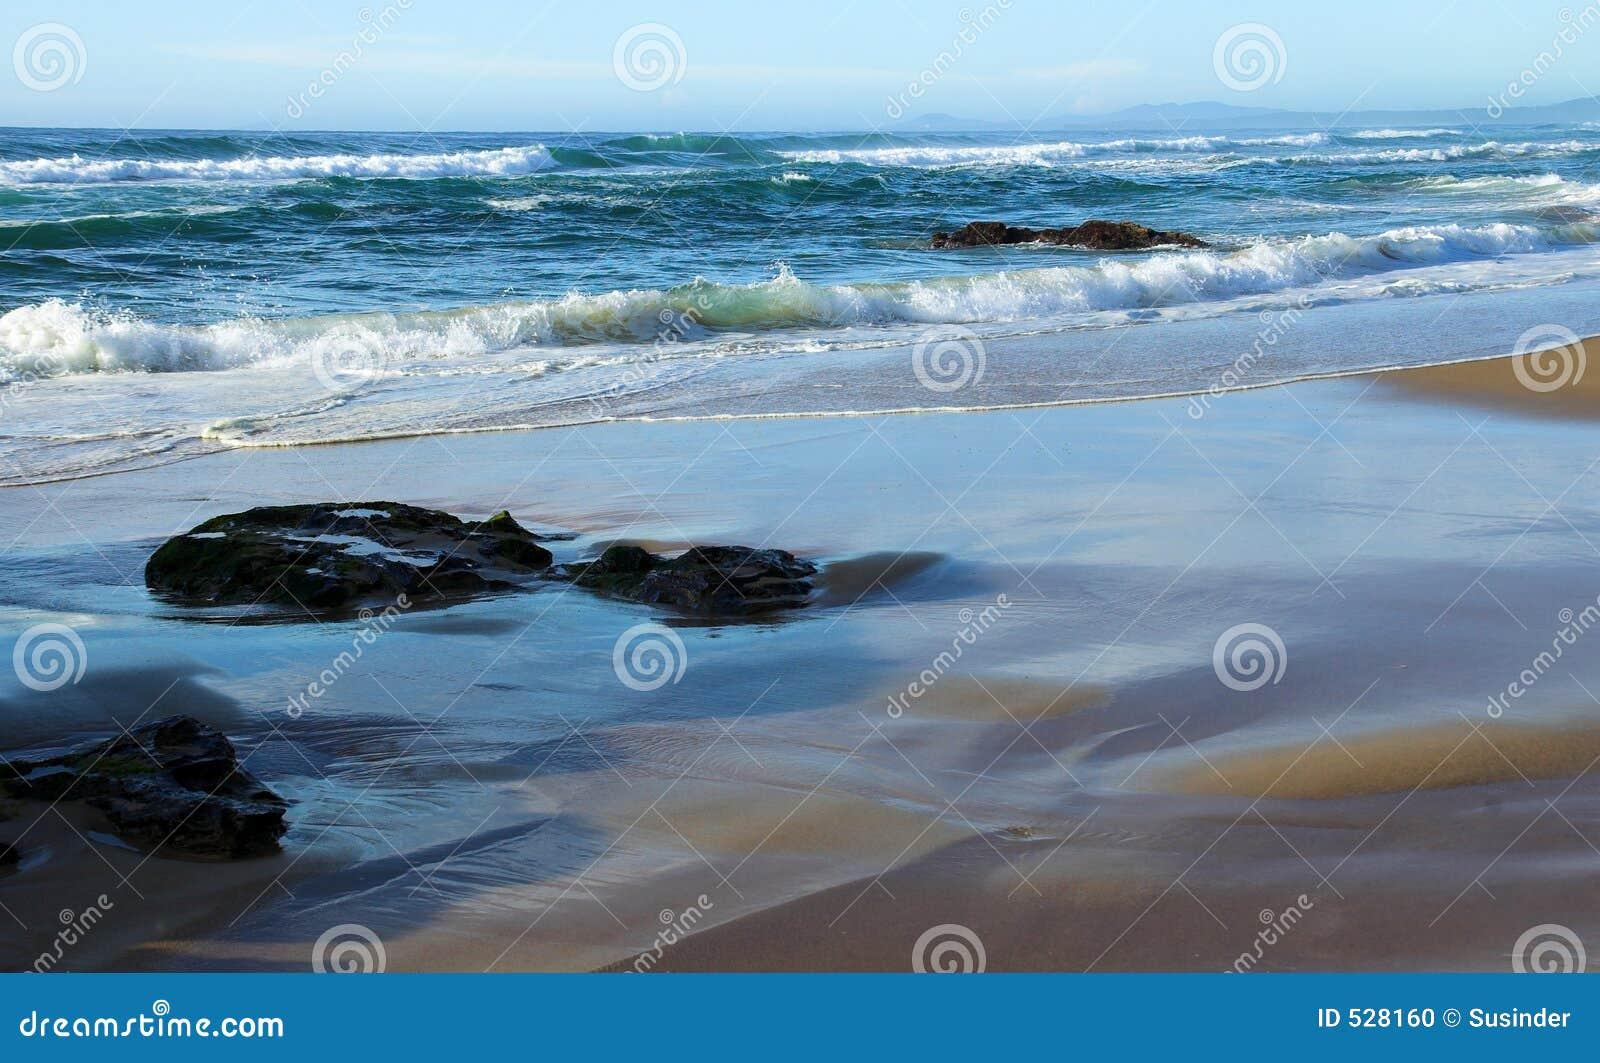 Download 海运 库存照片. 图片 包括有 离开, 通知, 海浪, 本质, 岩石, 海洋, 火箭筒, 沙子, 海岸线, 偏僻 - 528160